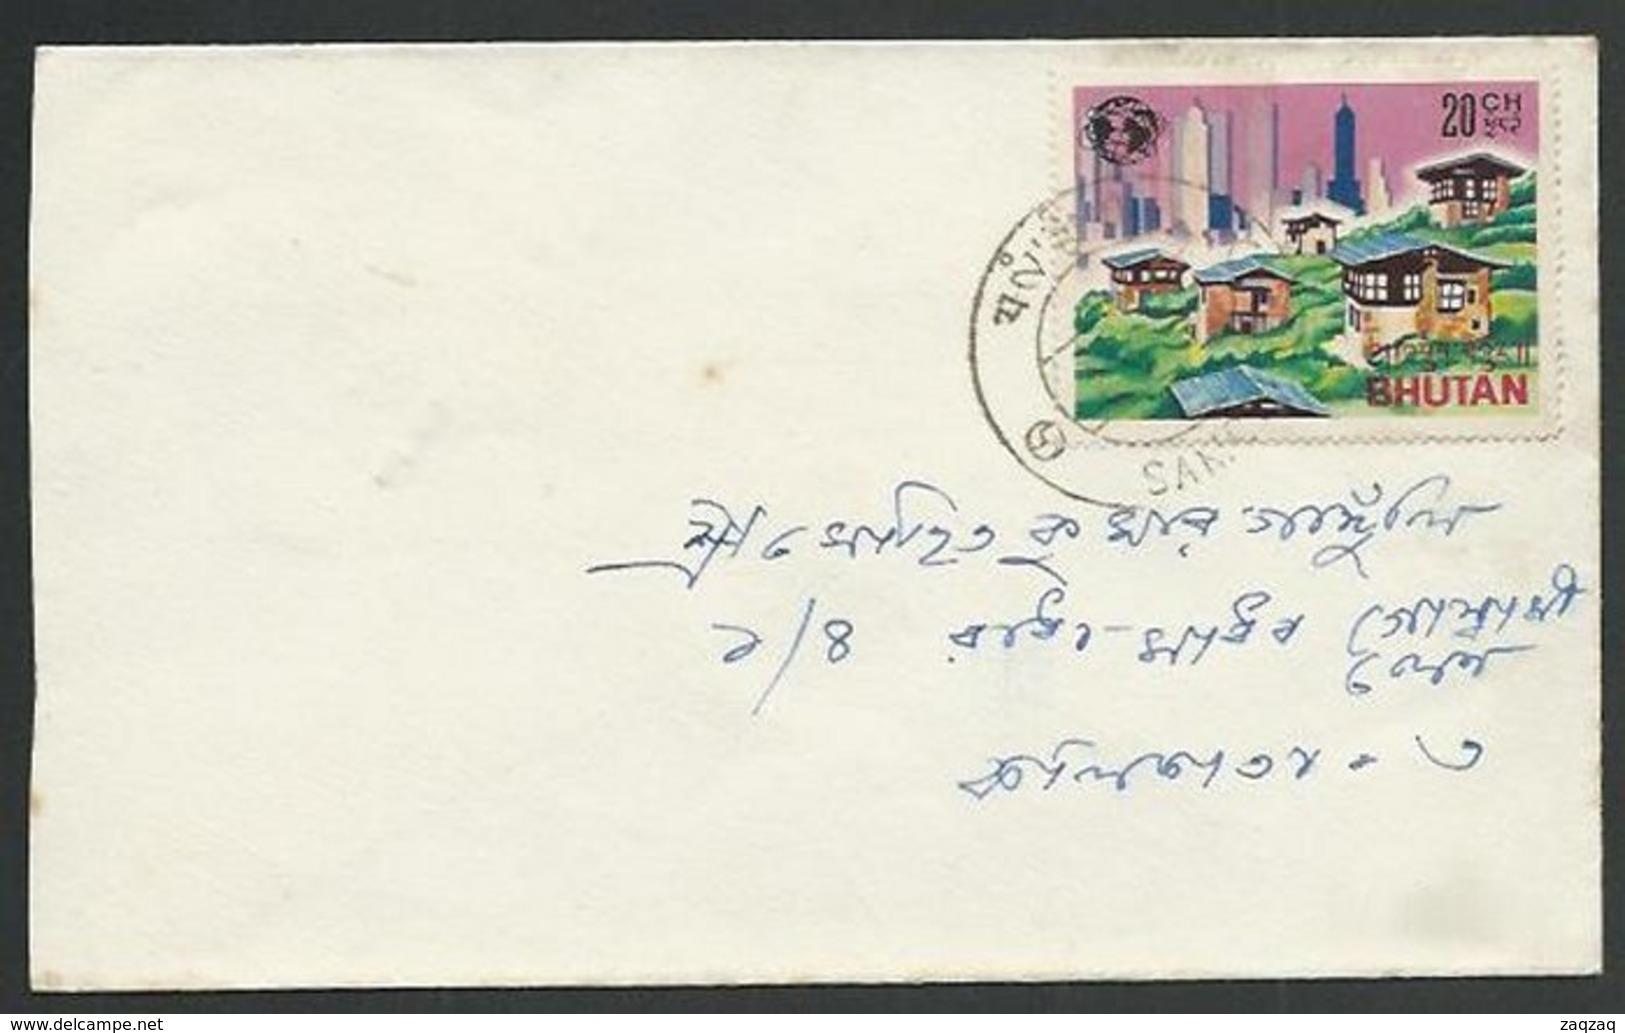 BHUTAN 1967 Cover To India..........................61163 - Bhutan